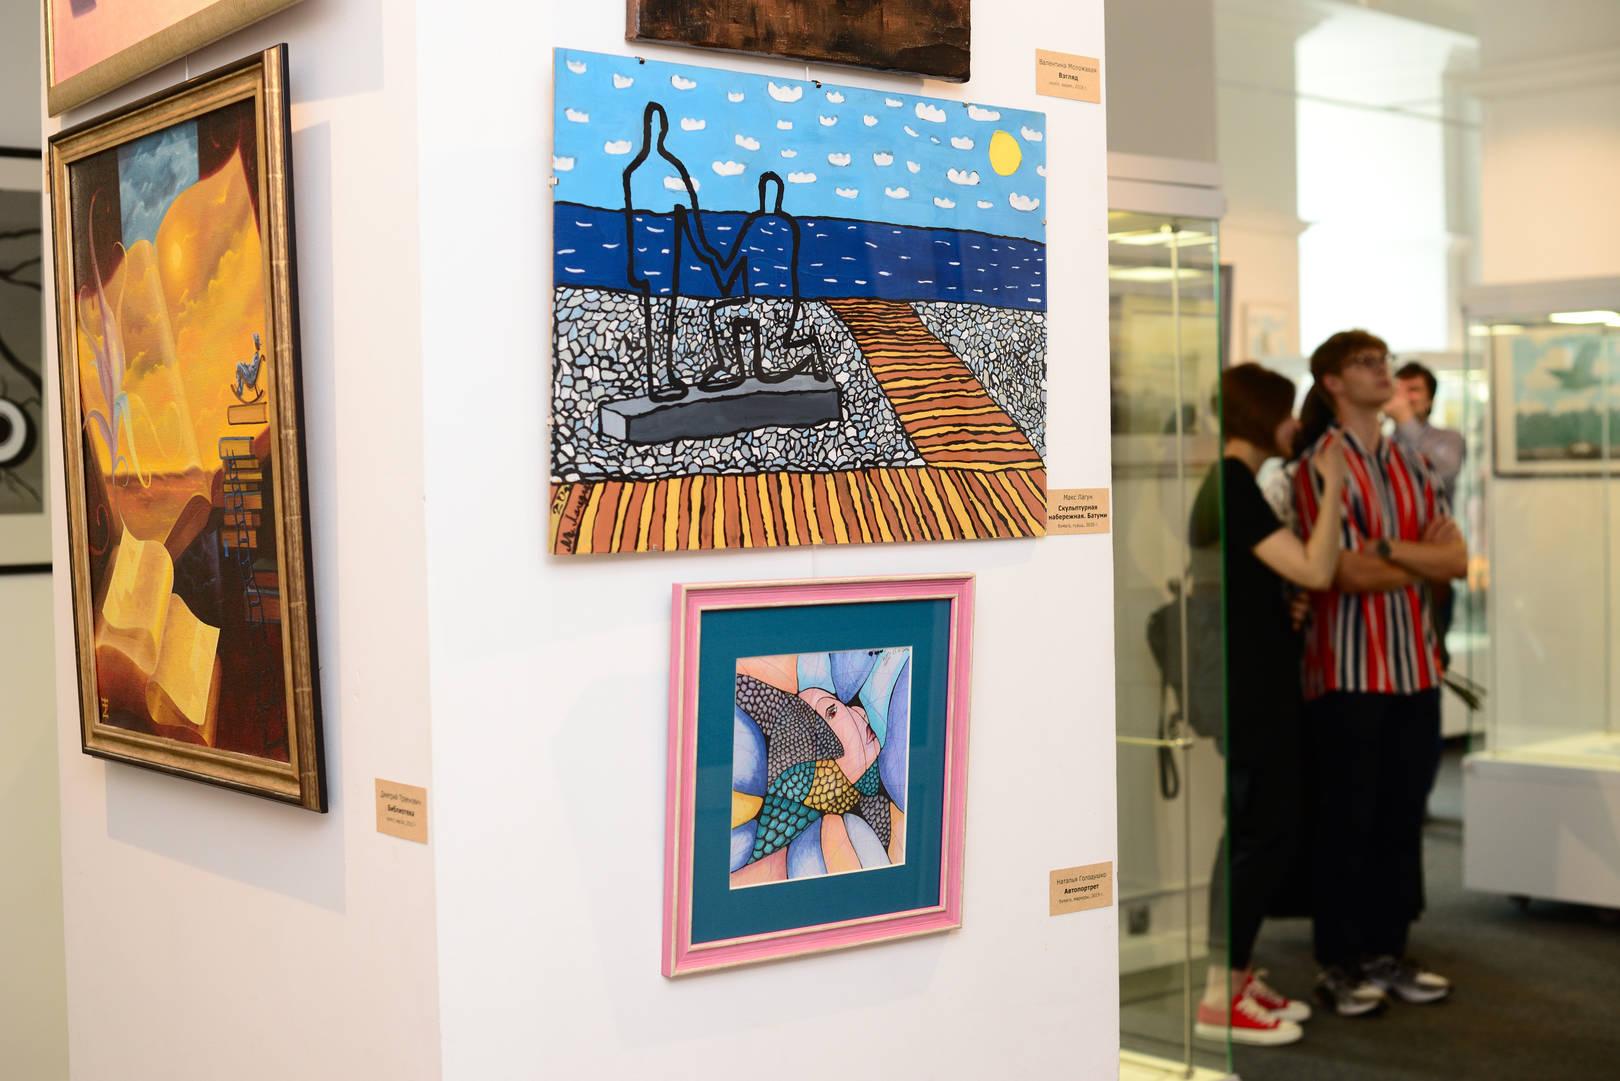 """Доброго дня, ночи всем! Мне очень радостно участвовать в проекте """"Рене Магритт. Вероломство образов"""" в галерее Либра, gallery.libra благодарю за море эмоций. Приходите, там есть что рассматривать, если вы в Минске))"""